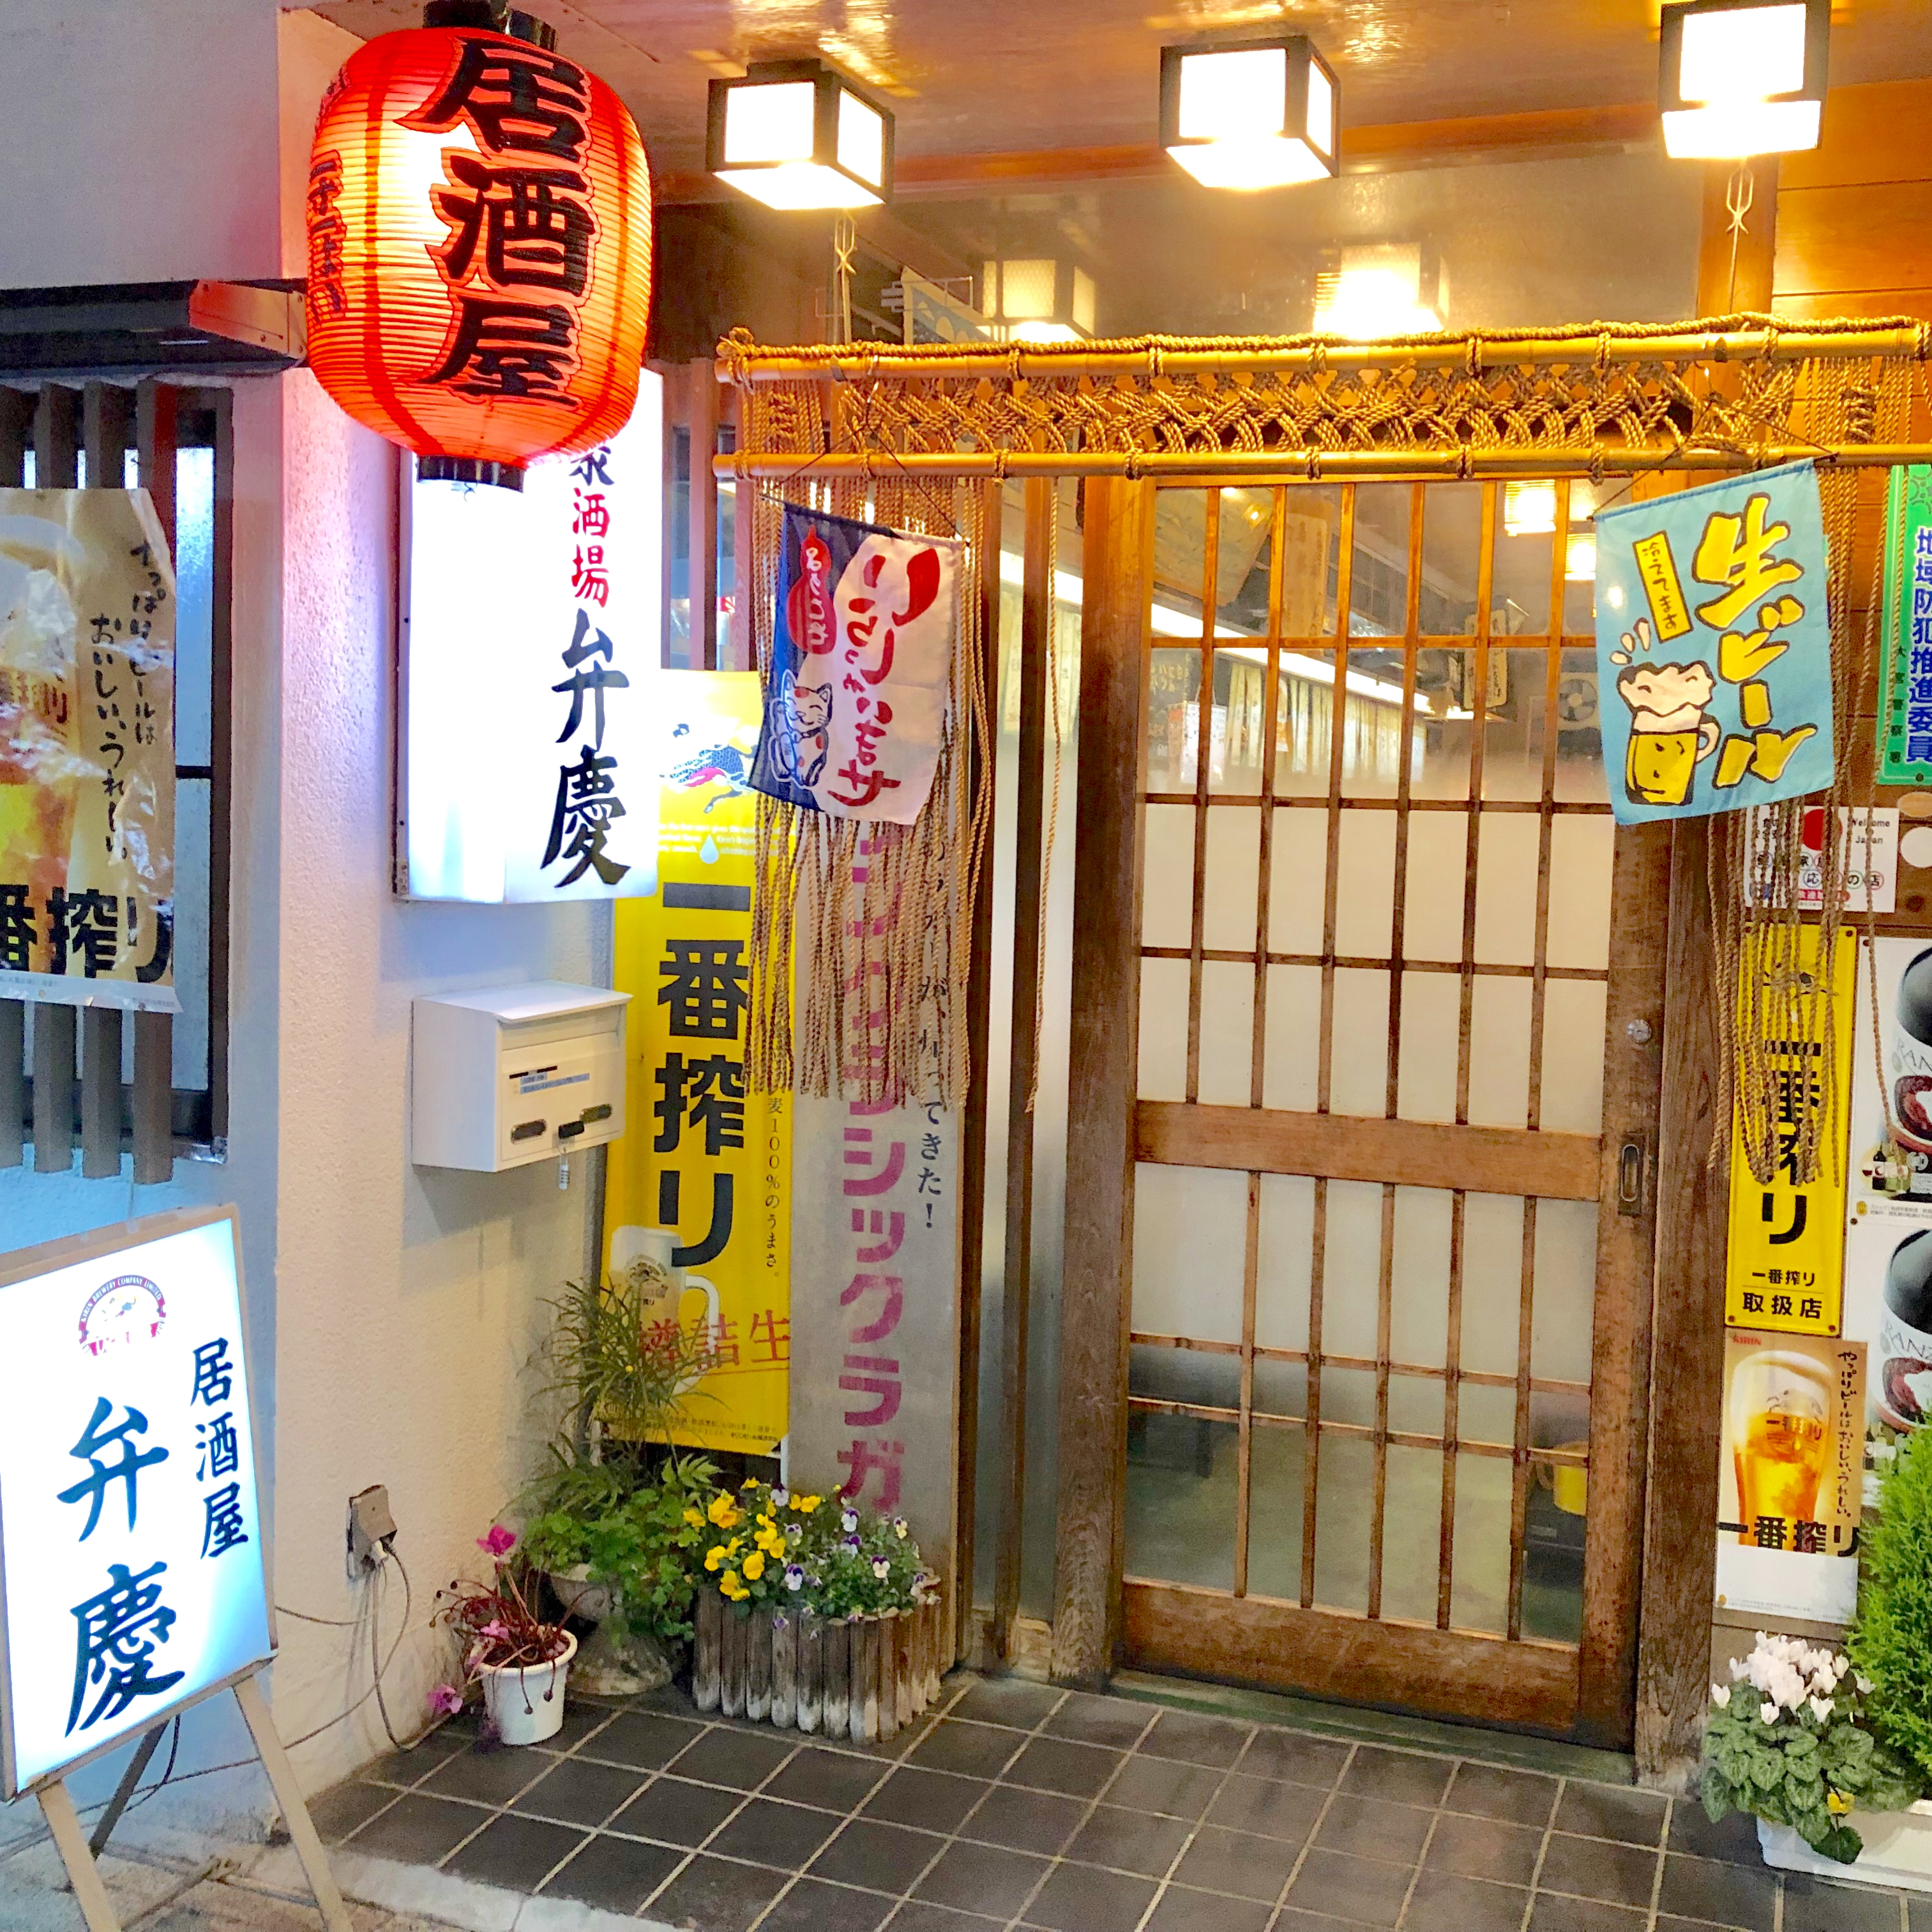 弁慶|大宮・さくら小路の大衆酒場は安くてうまい!昭和レトロな居酒屋さん